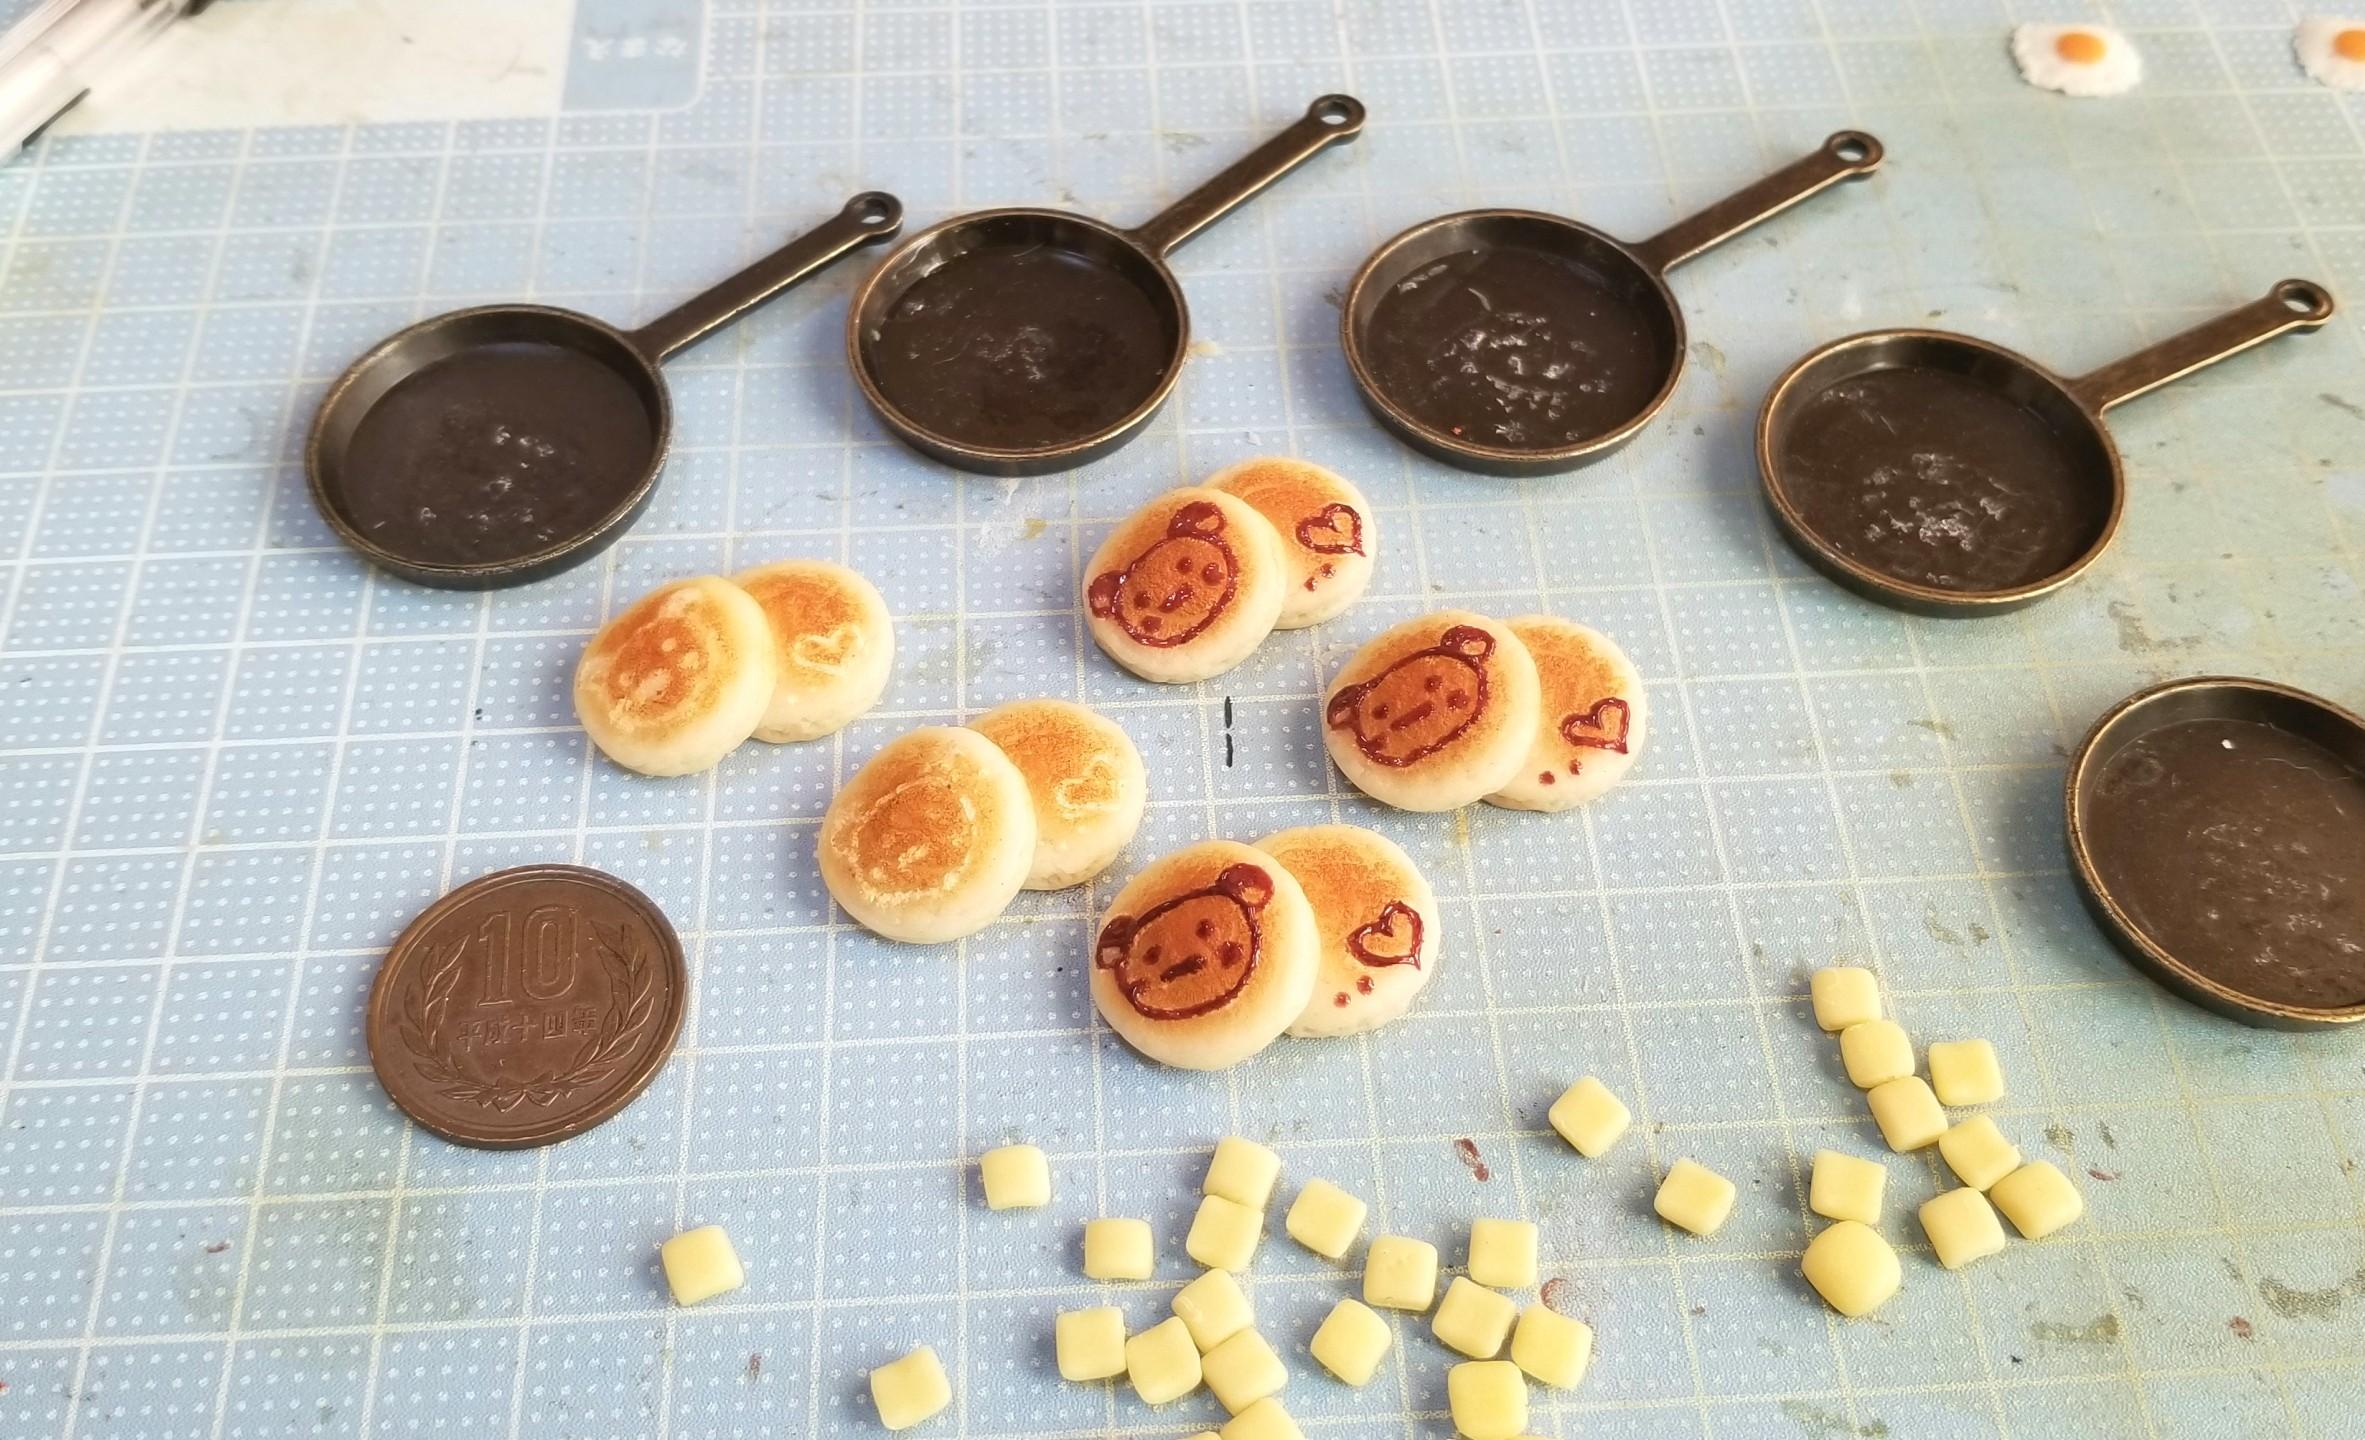 ミニチュア,ホットケーキの作り方,樹脂粘土,ドールハウス,オビツ